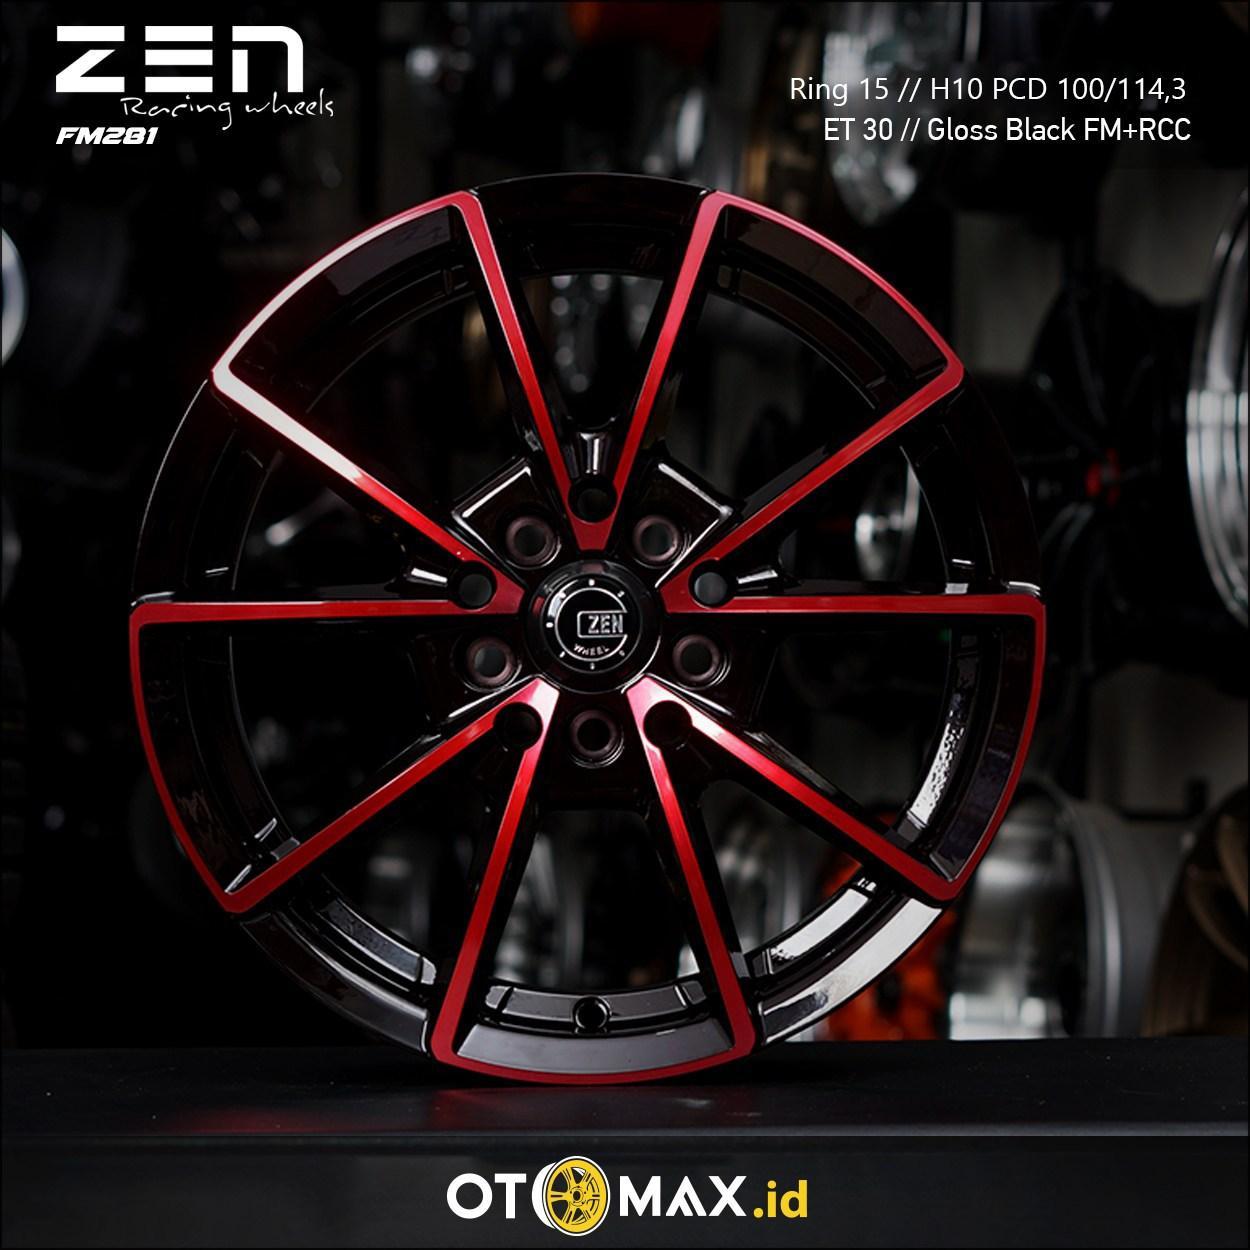 Velg Mobil Zen Nachi (FM281) Ring 15 Gloss Black Full Polish+Red Clear Coat